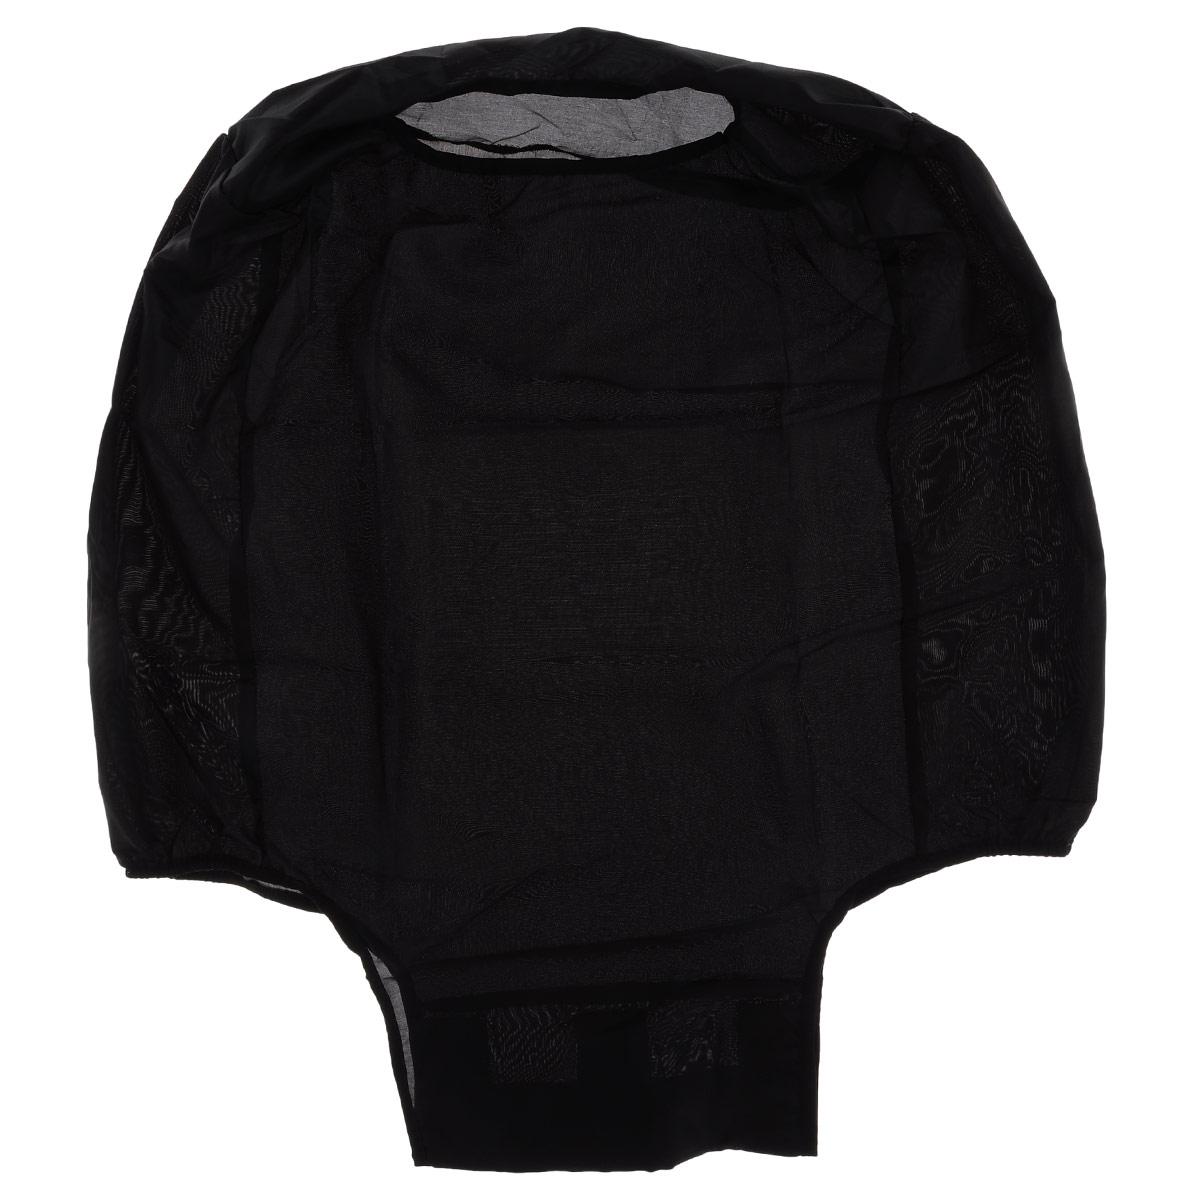 Чехол защитный для чемодана Eva, цвет: черный, 62 см х 42 см х 28 см1004900000360Защитный чехол для чемодана Eva выполнен из водоотталкивающего материала - полиэстера. Чехол легко надевается и фиксируется при помощи липучек. Регулируется по высоте и степени наполненности. Чехол защитит ваш багаж от загрязнений, царапин и несанкционированного доступа, а также значительно продлит срок службы вашего чемодана.Размер чехла: 62 см х 42 см х 28 см.